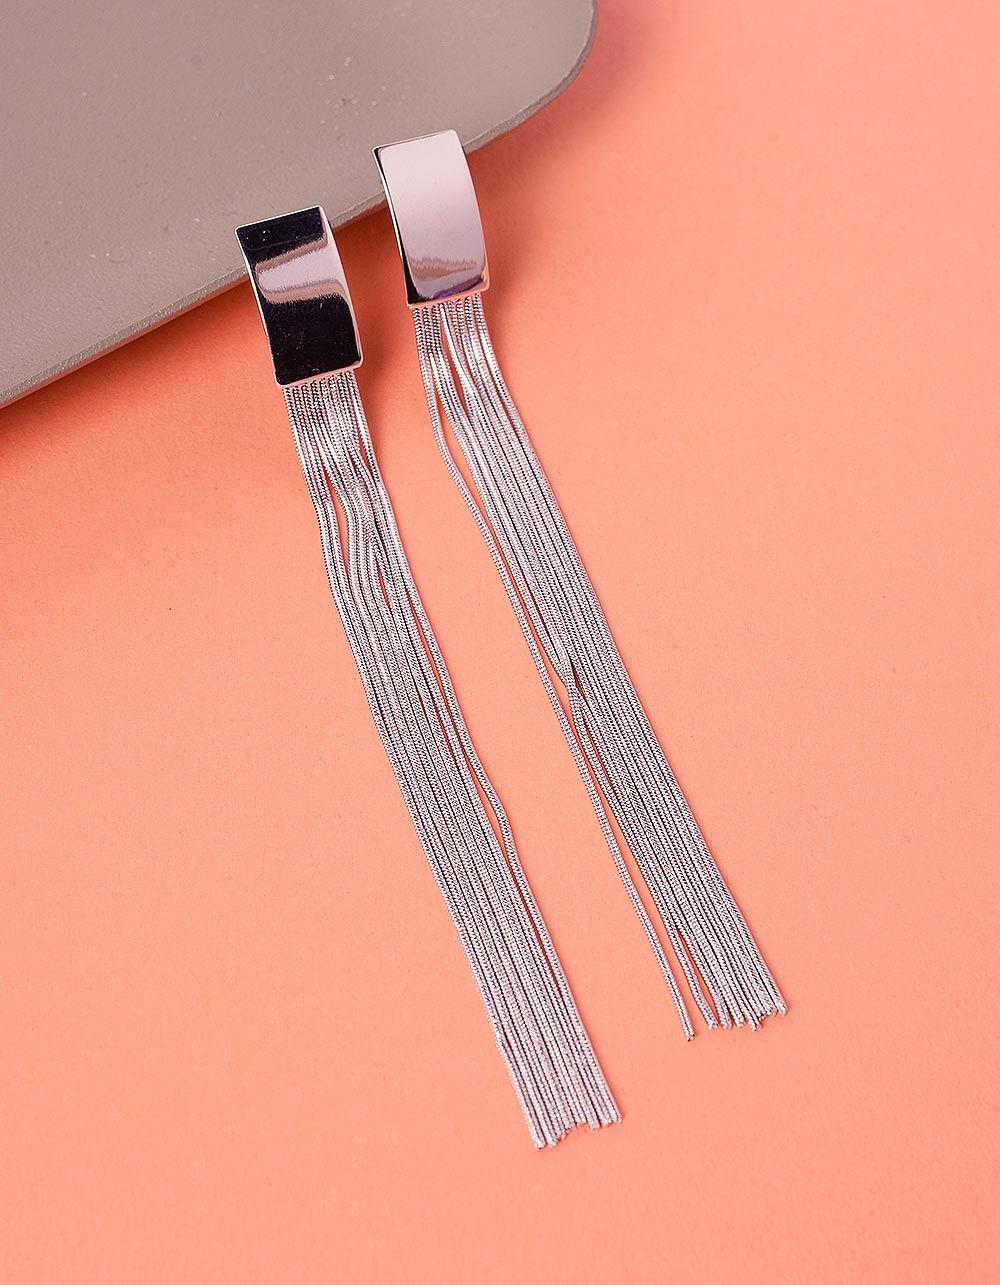 Сережки довгі з ланцюжками | 235979-05-XX